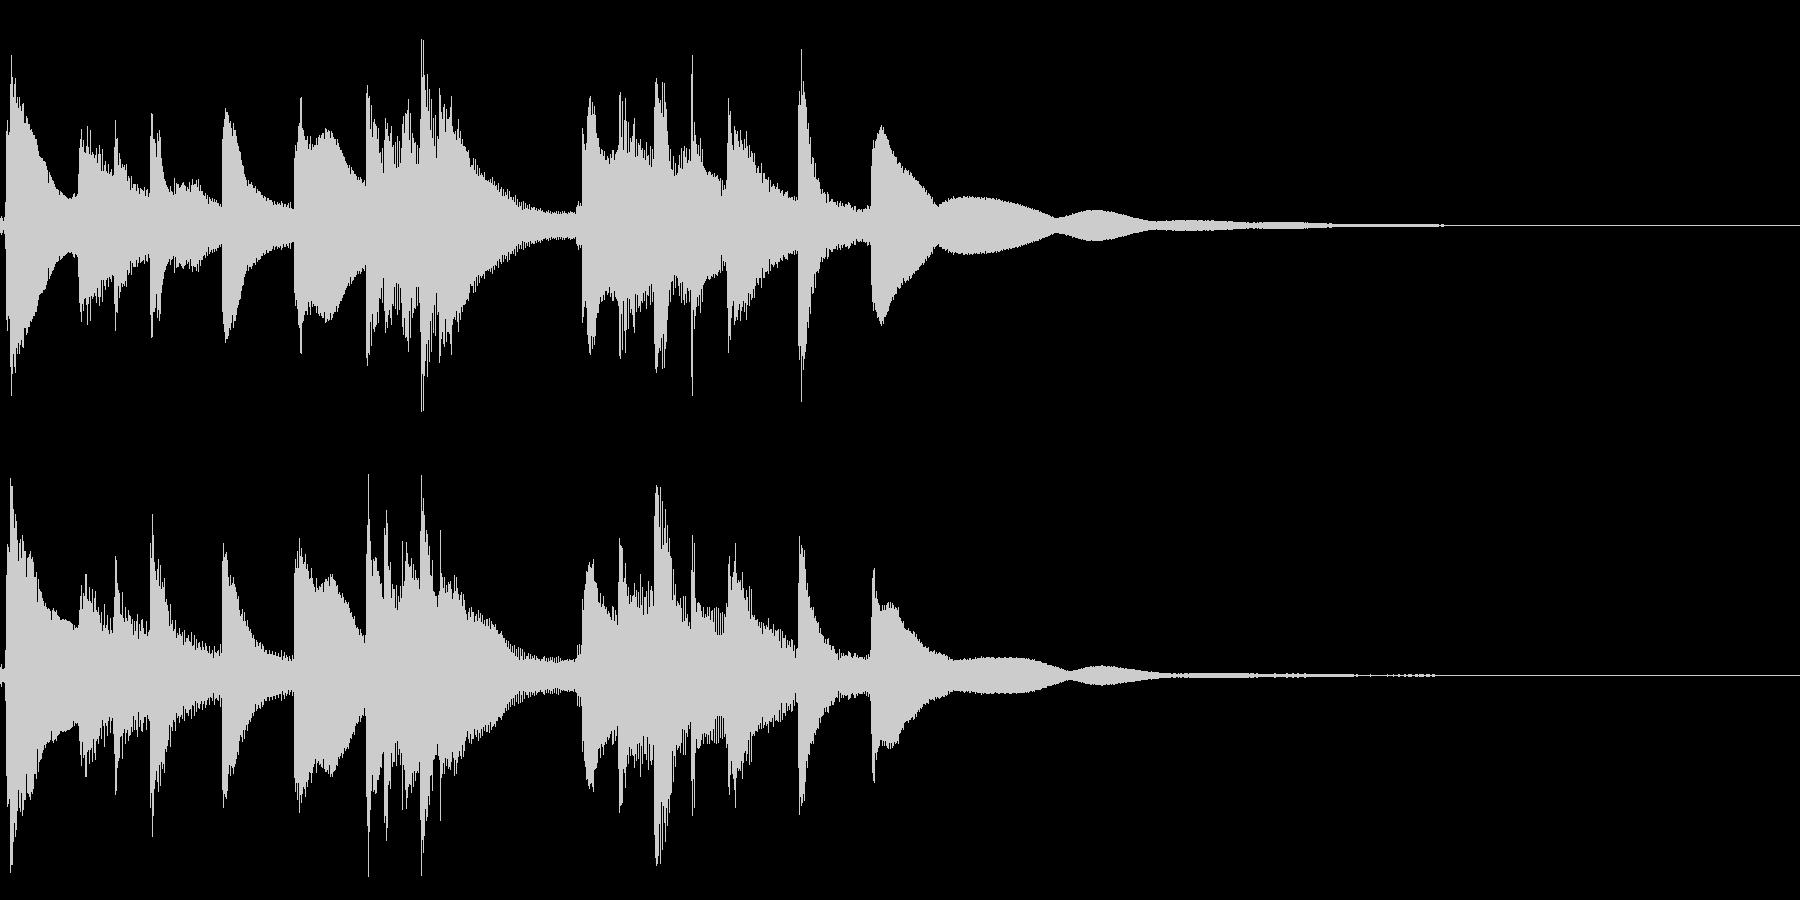 琴☆アイキャッチ1の未再生の波形